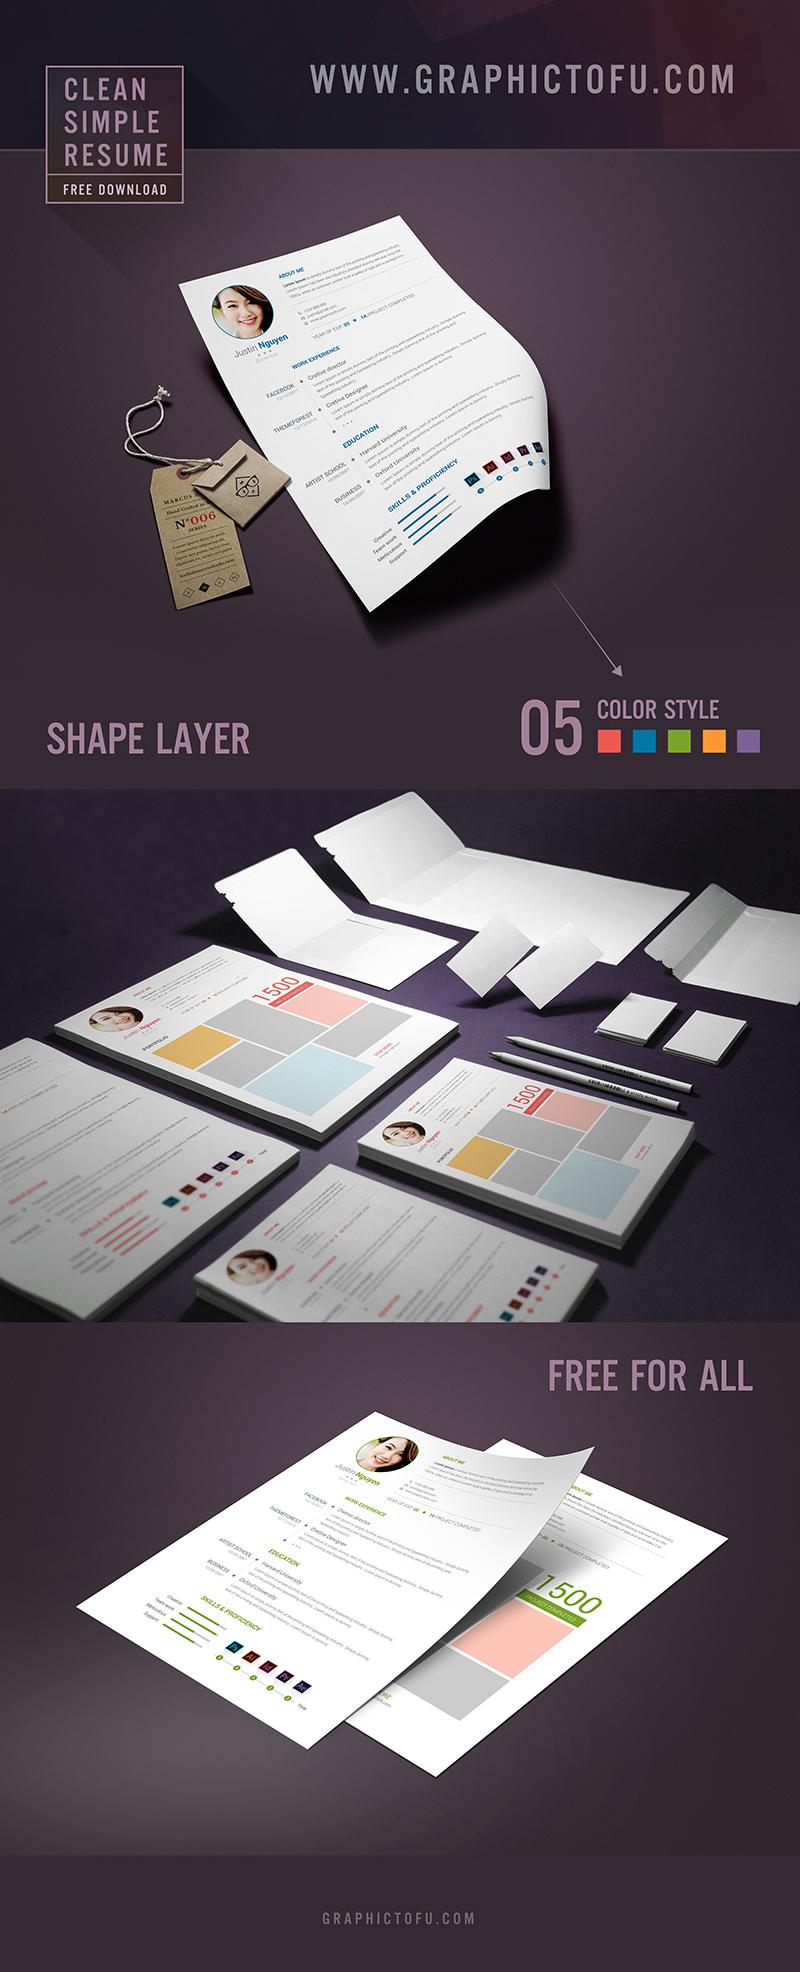 Clean-Simple-Resume-Graphictofu